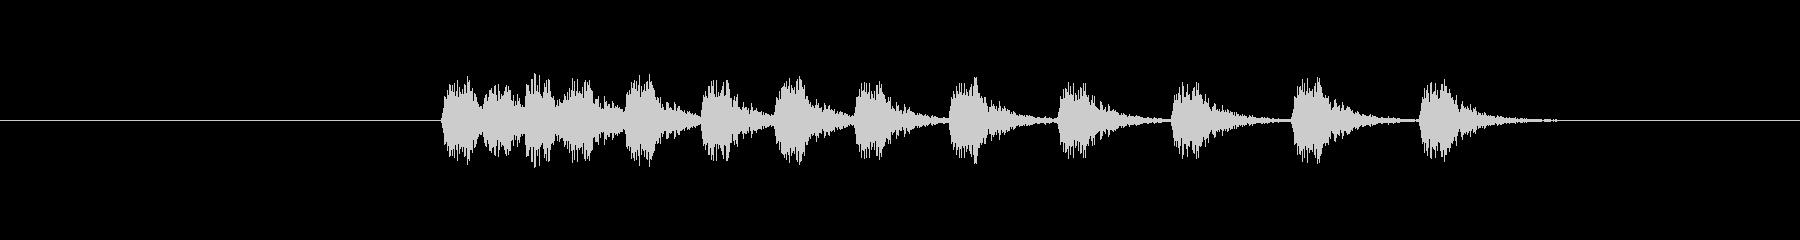 特撮 タイプライター02シーケンス03の未再生の波形